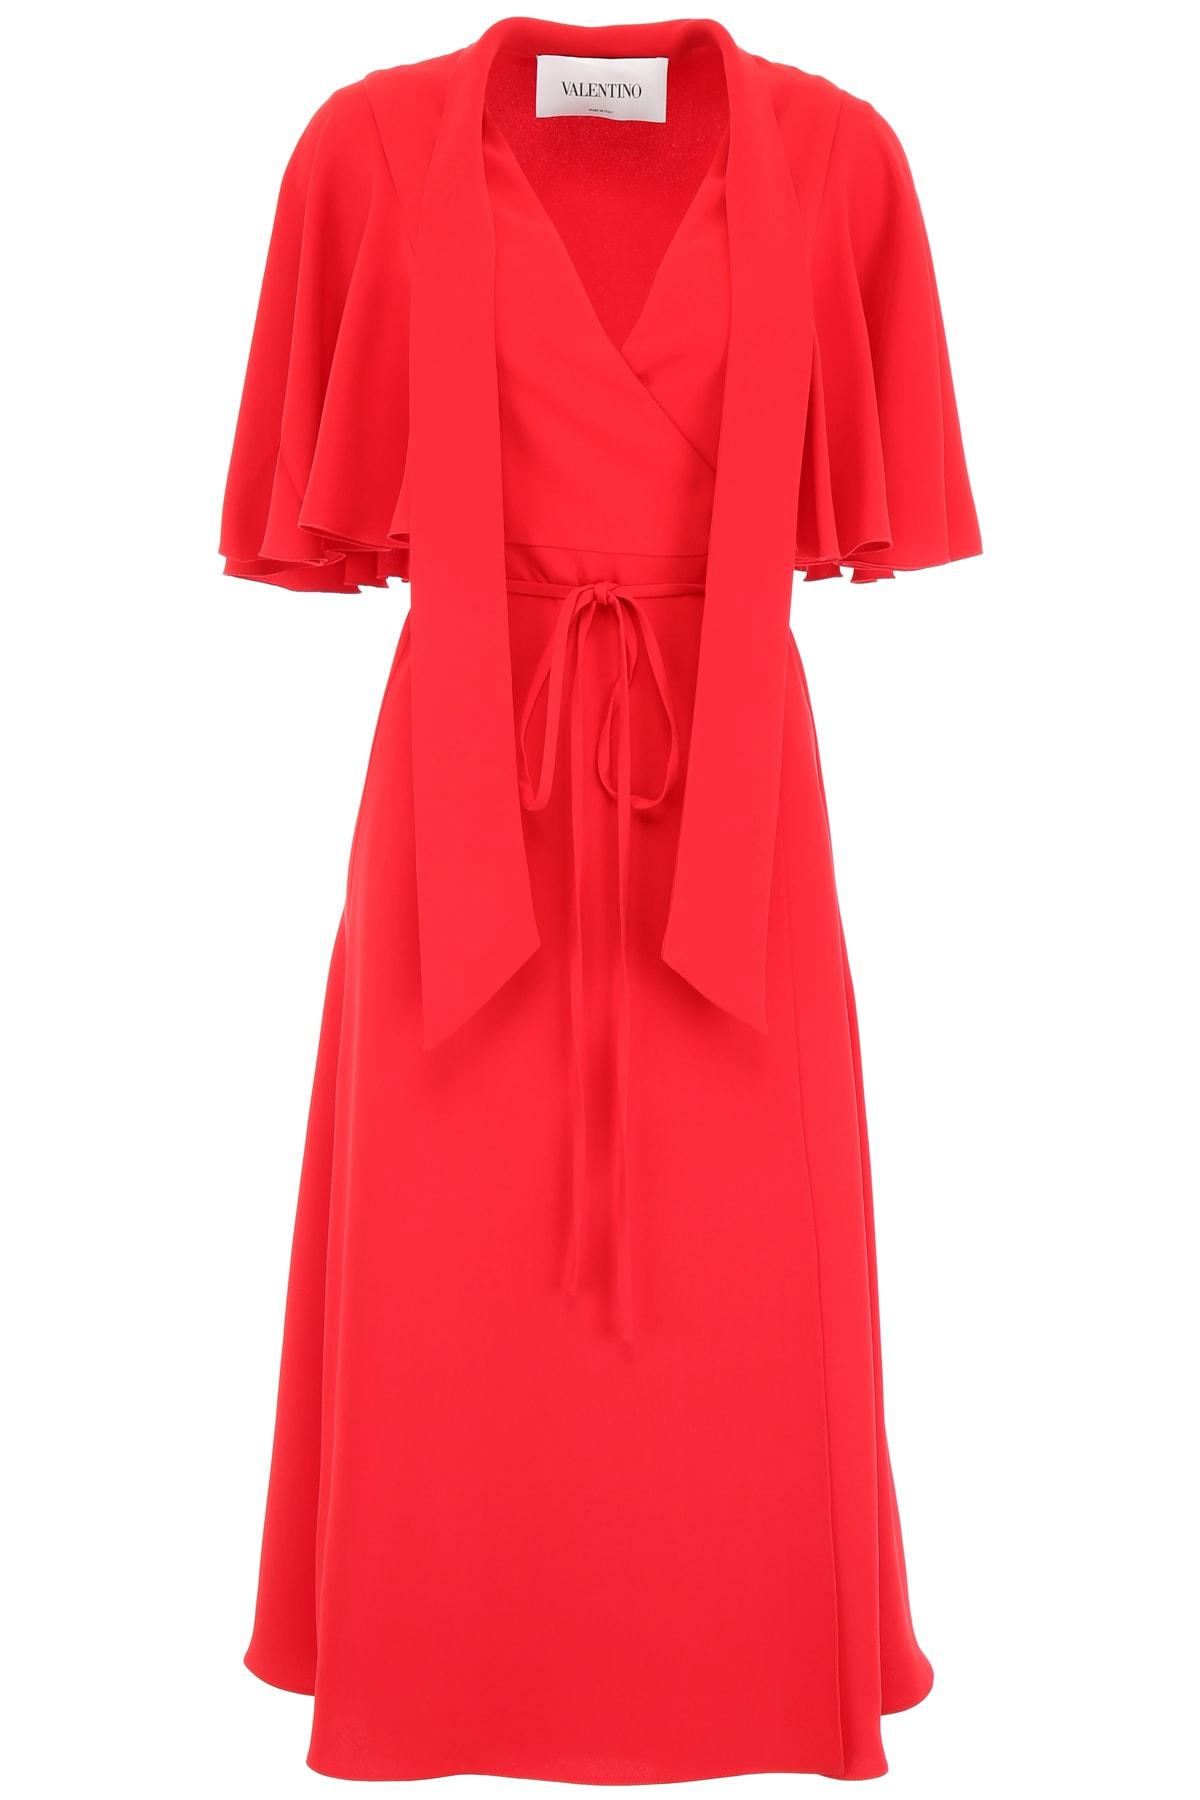 Valentino V Neck Dress